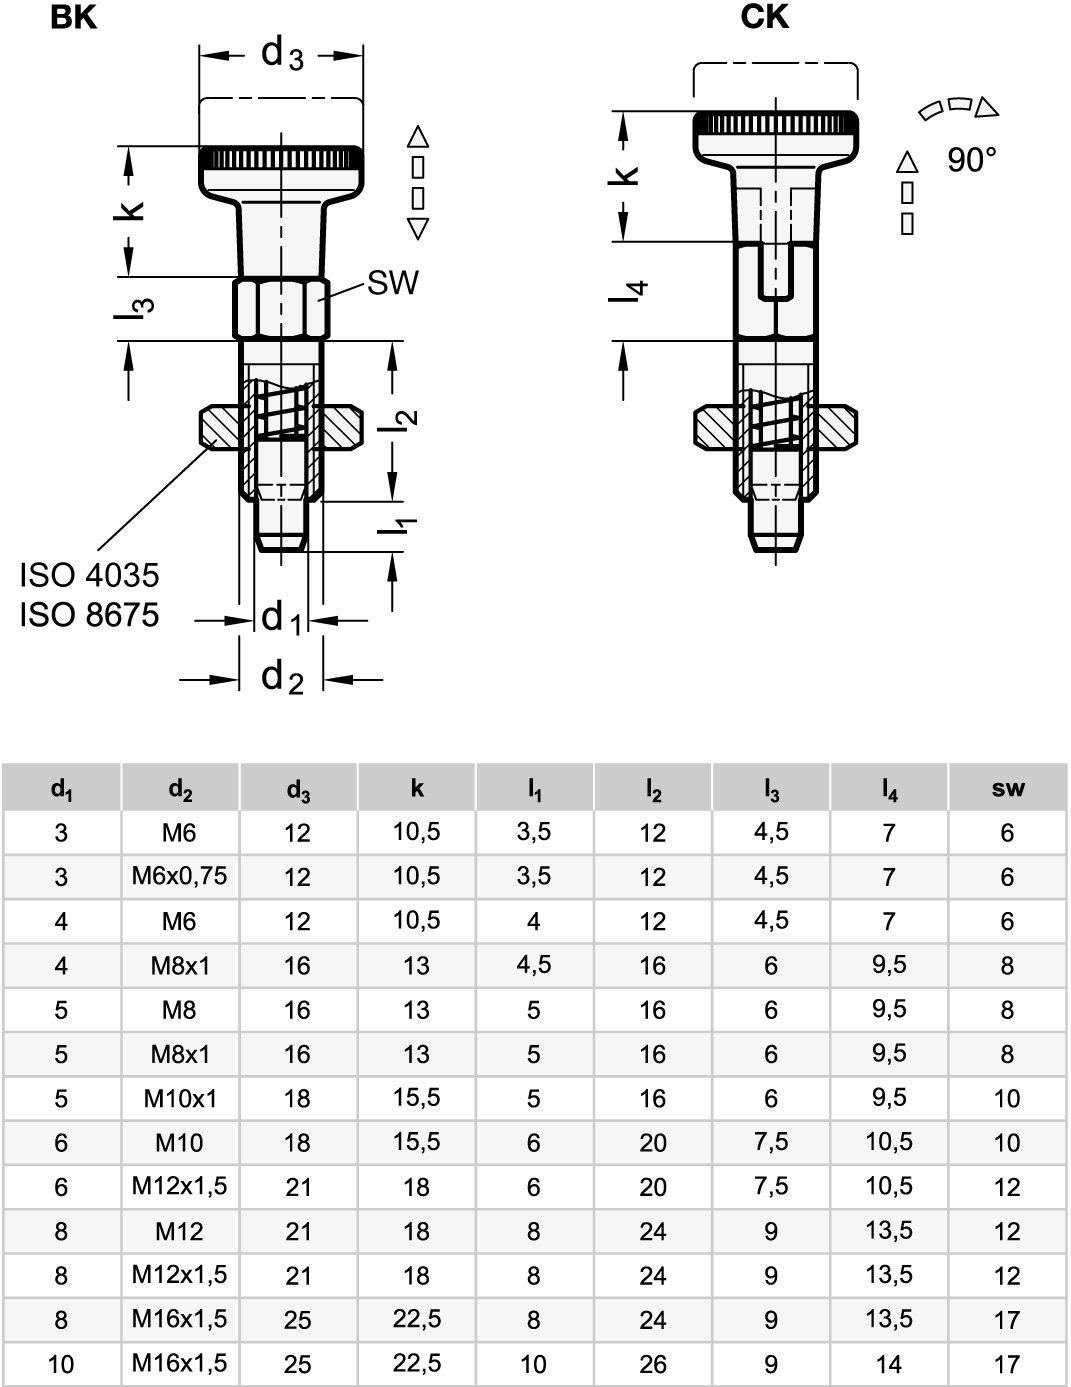 5-BK-ST Ganter Normelemente GN 717-6-M12X1 Rastbolzen Silber 2 St/ück